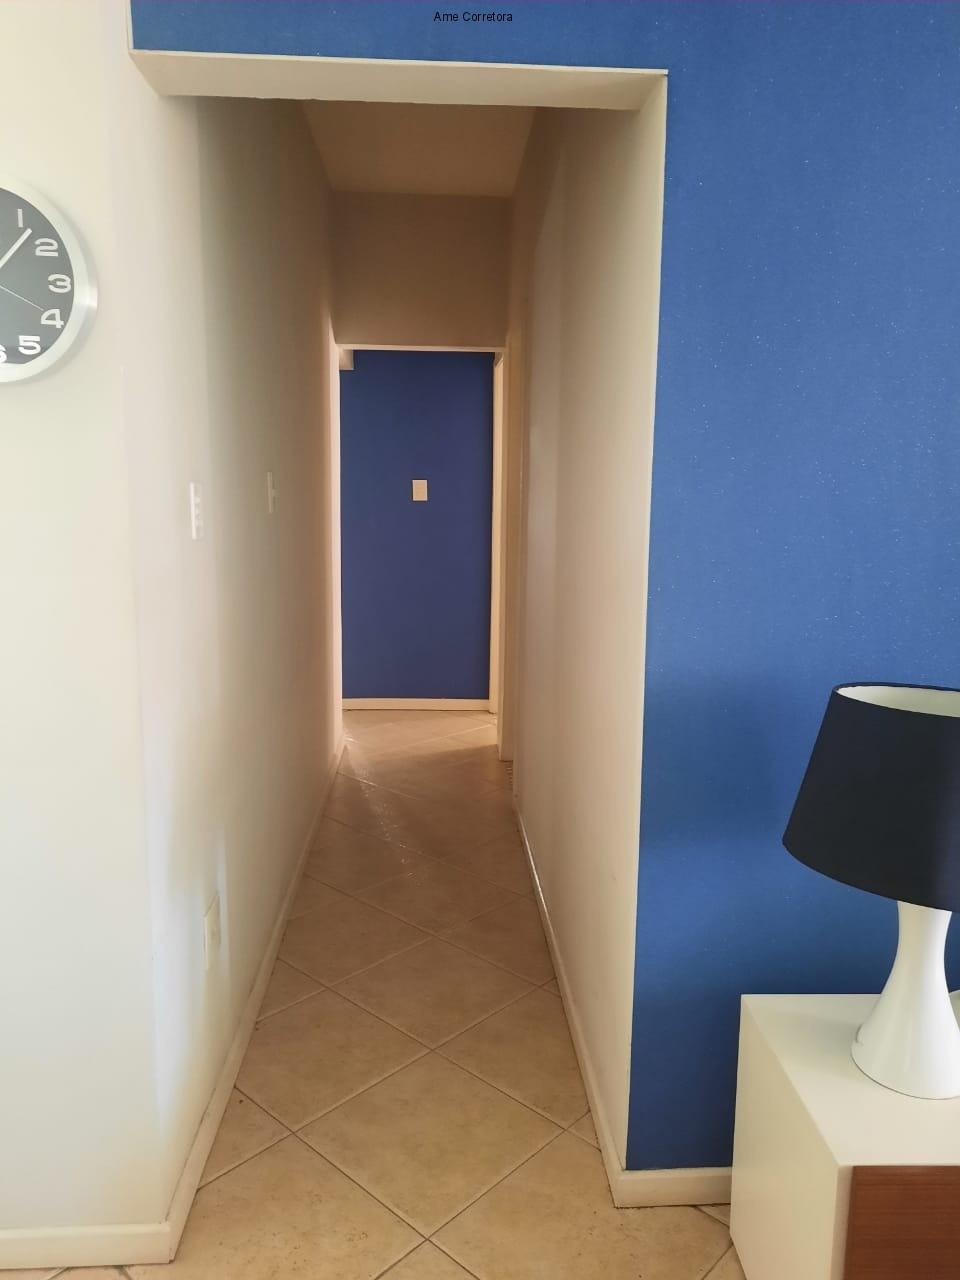 FOTO 11 - Apartamento 3 quartos à venda Rio de Janeiro,RJ - R$ 1.400.000 - AP00410 - 12